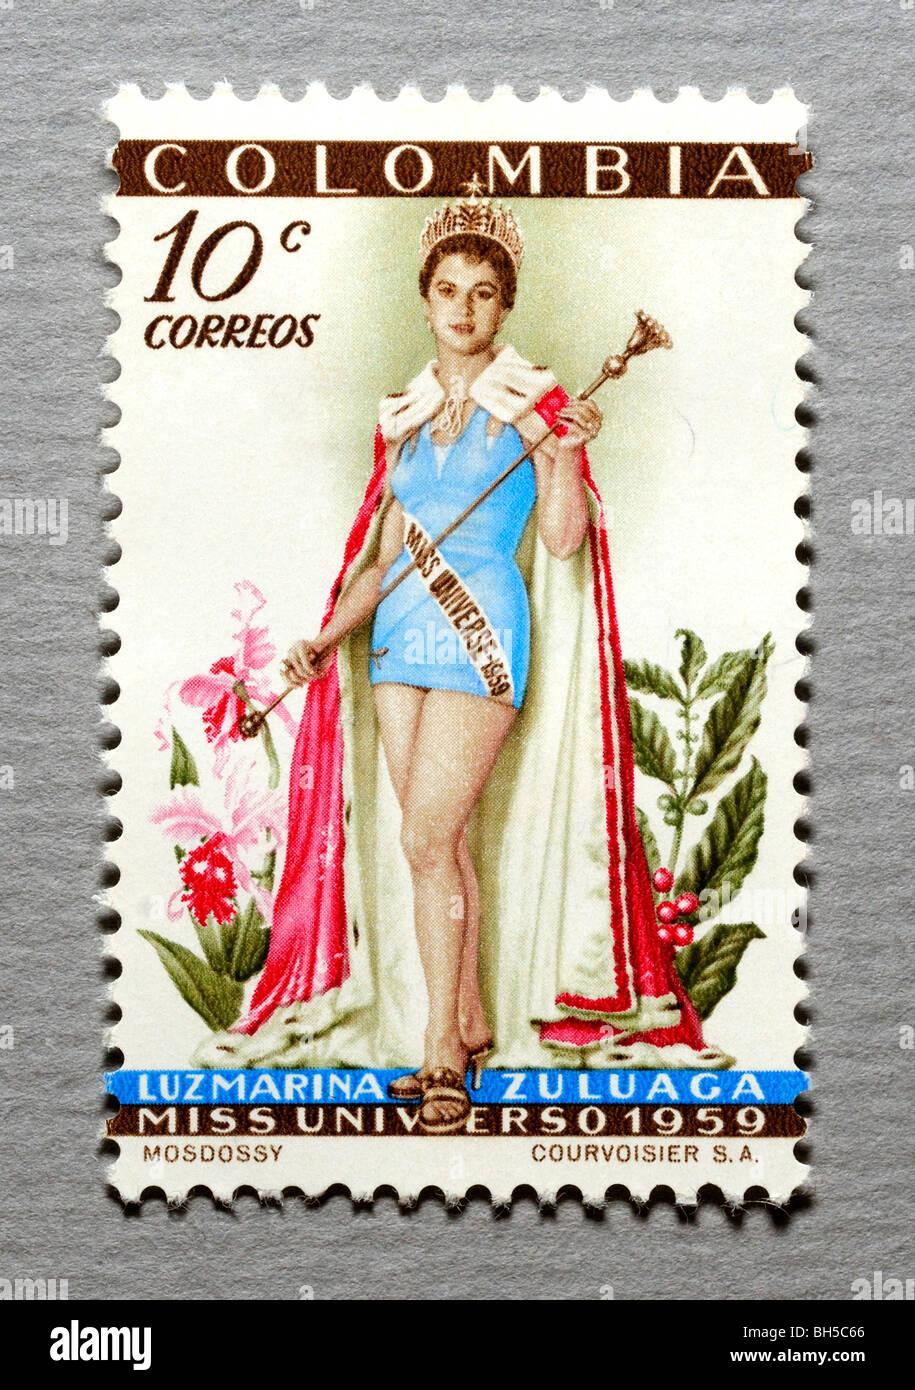 Colombia Estampilla Postal. Imagen De Stock